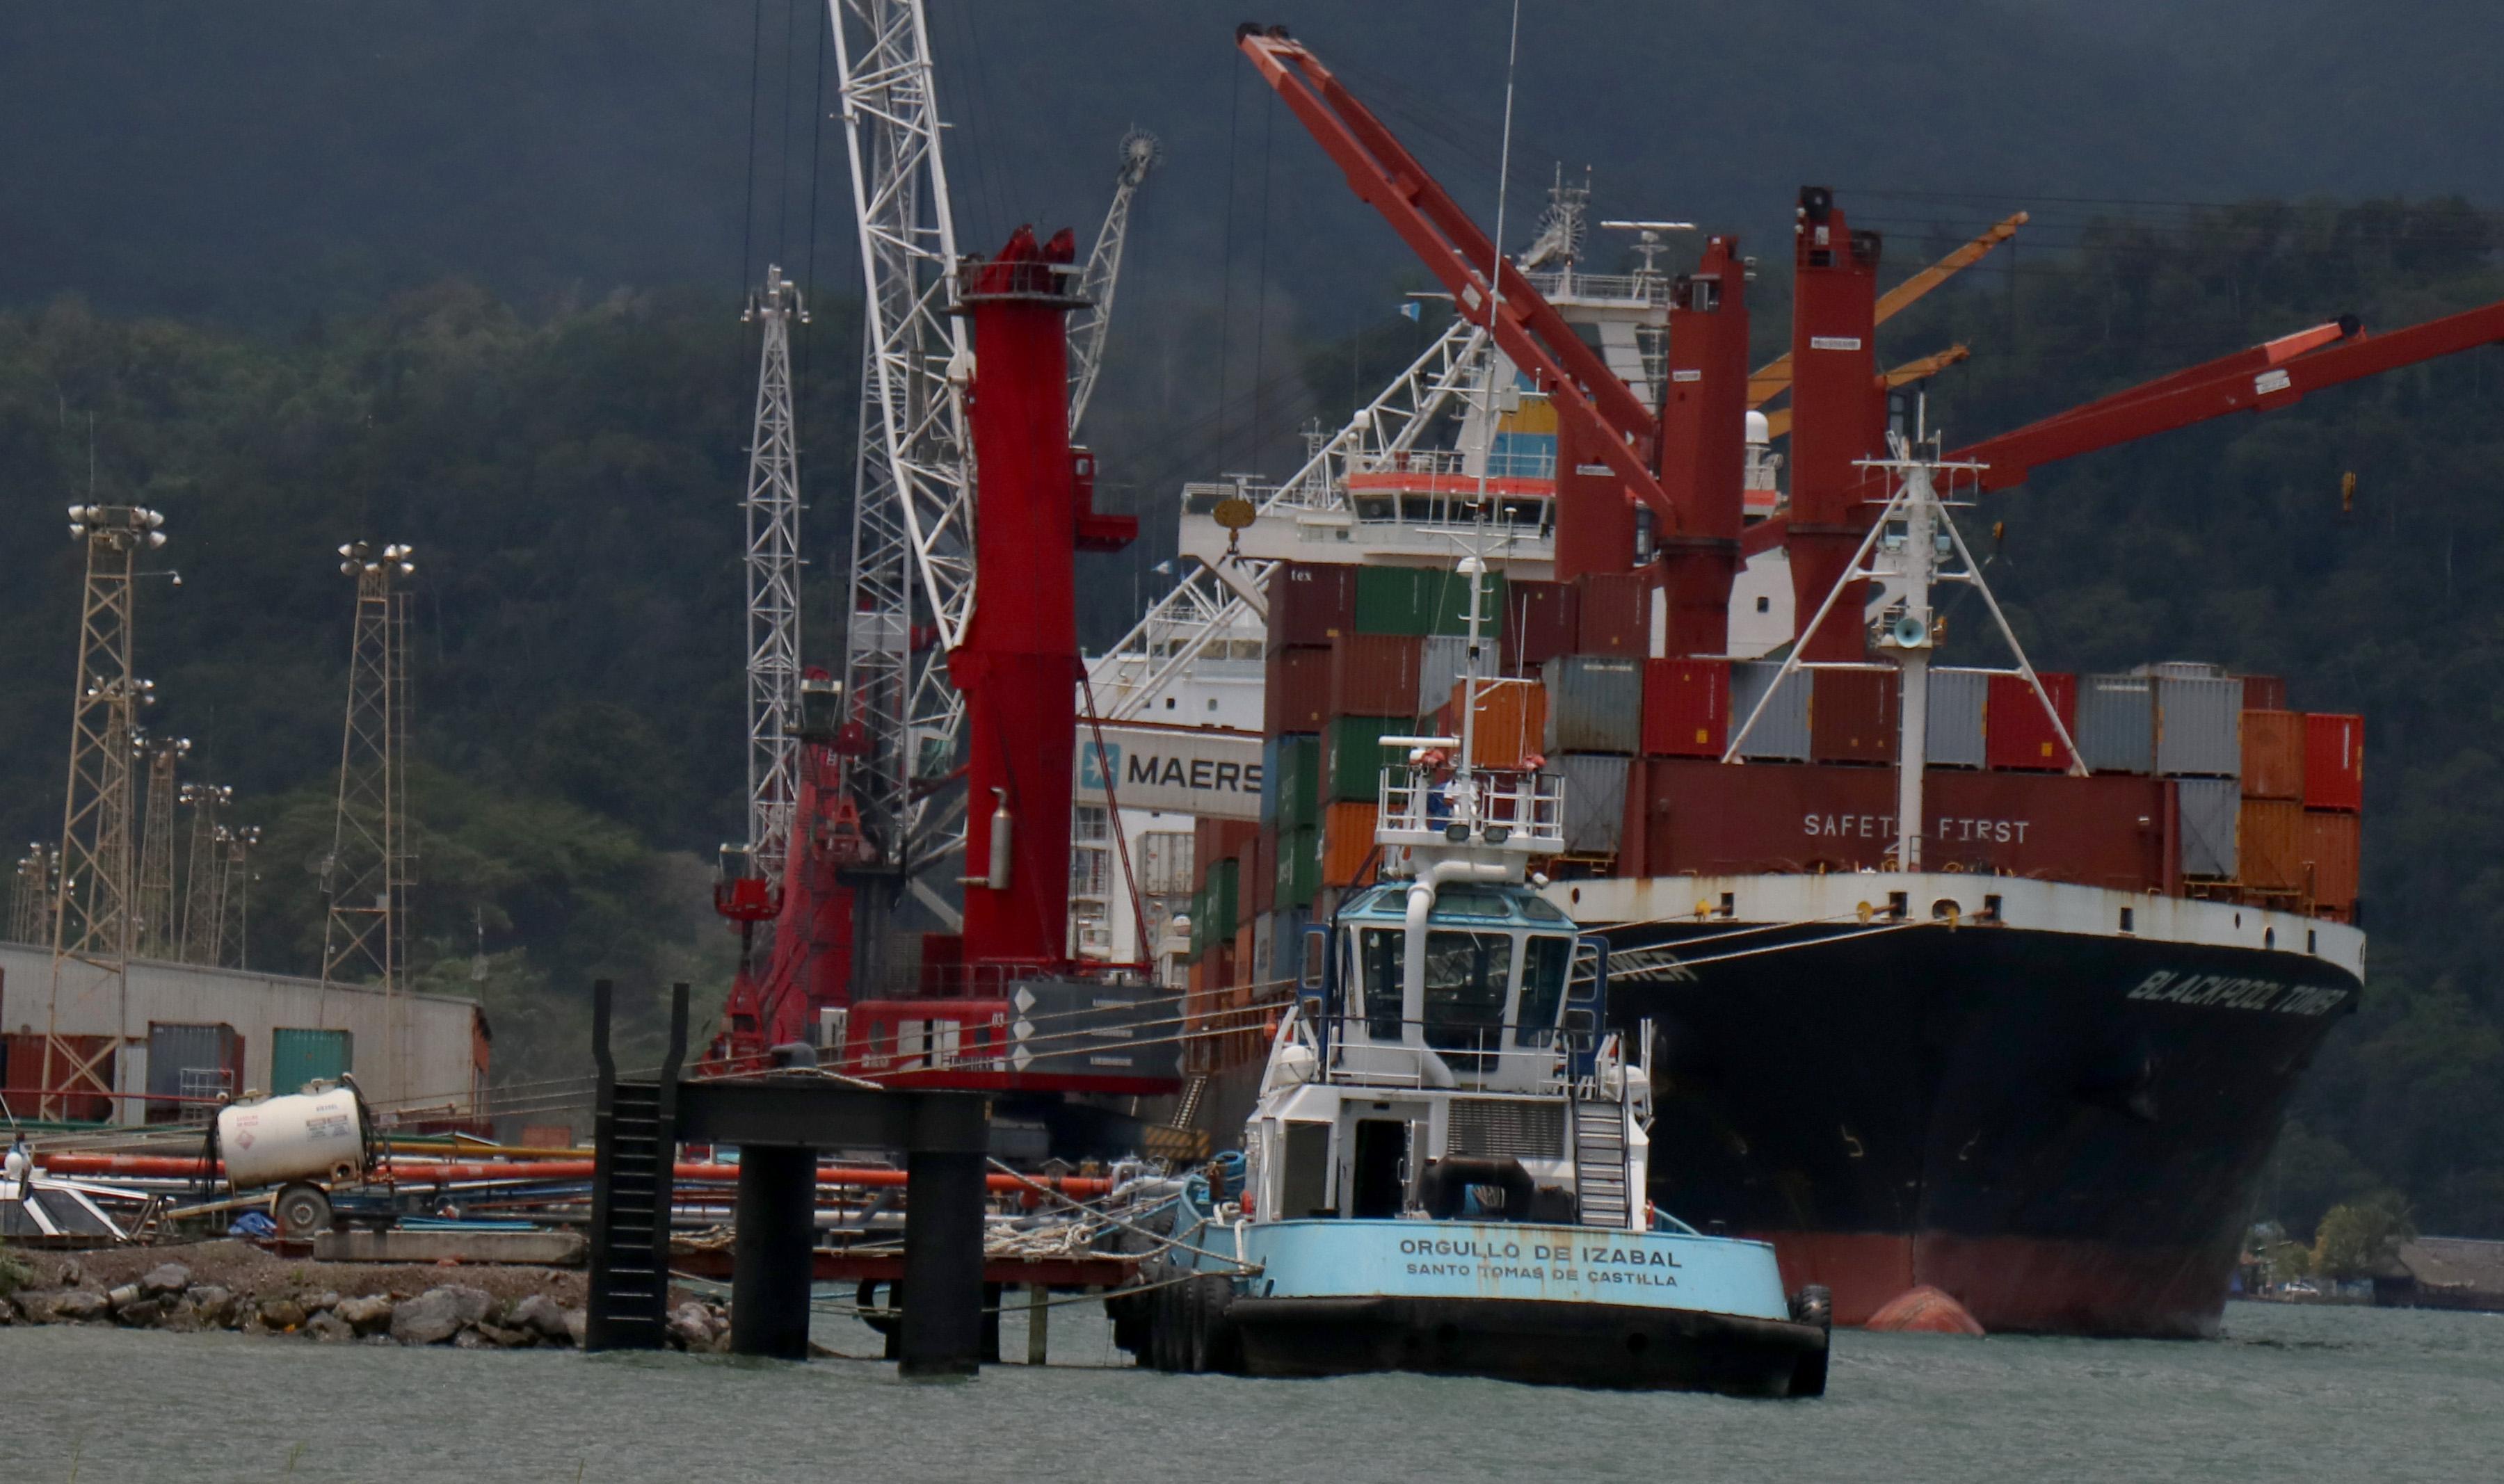 El TLC entre Estados Unidos y Guatemala cumple 14 años en 2019 con un 97% de productos libres de arancel y conforman una zona de libre comercio. (Foto Prensa Libre: Dony Stewart)